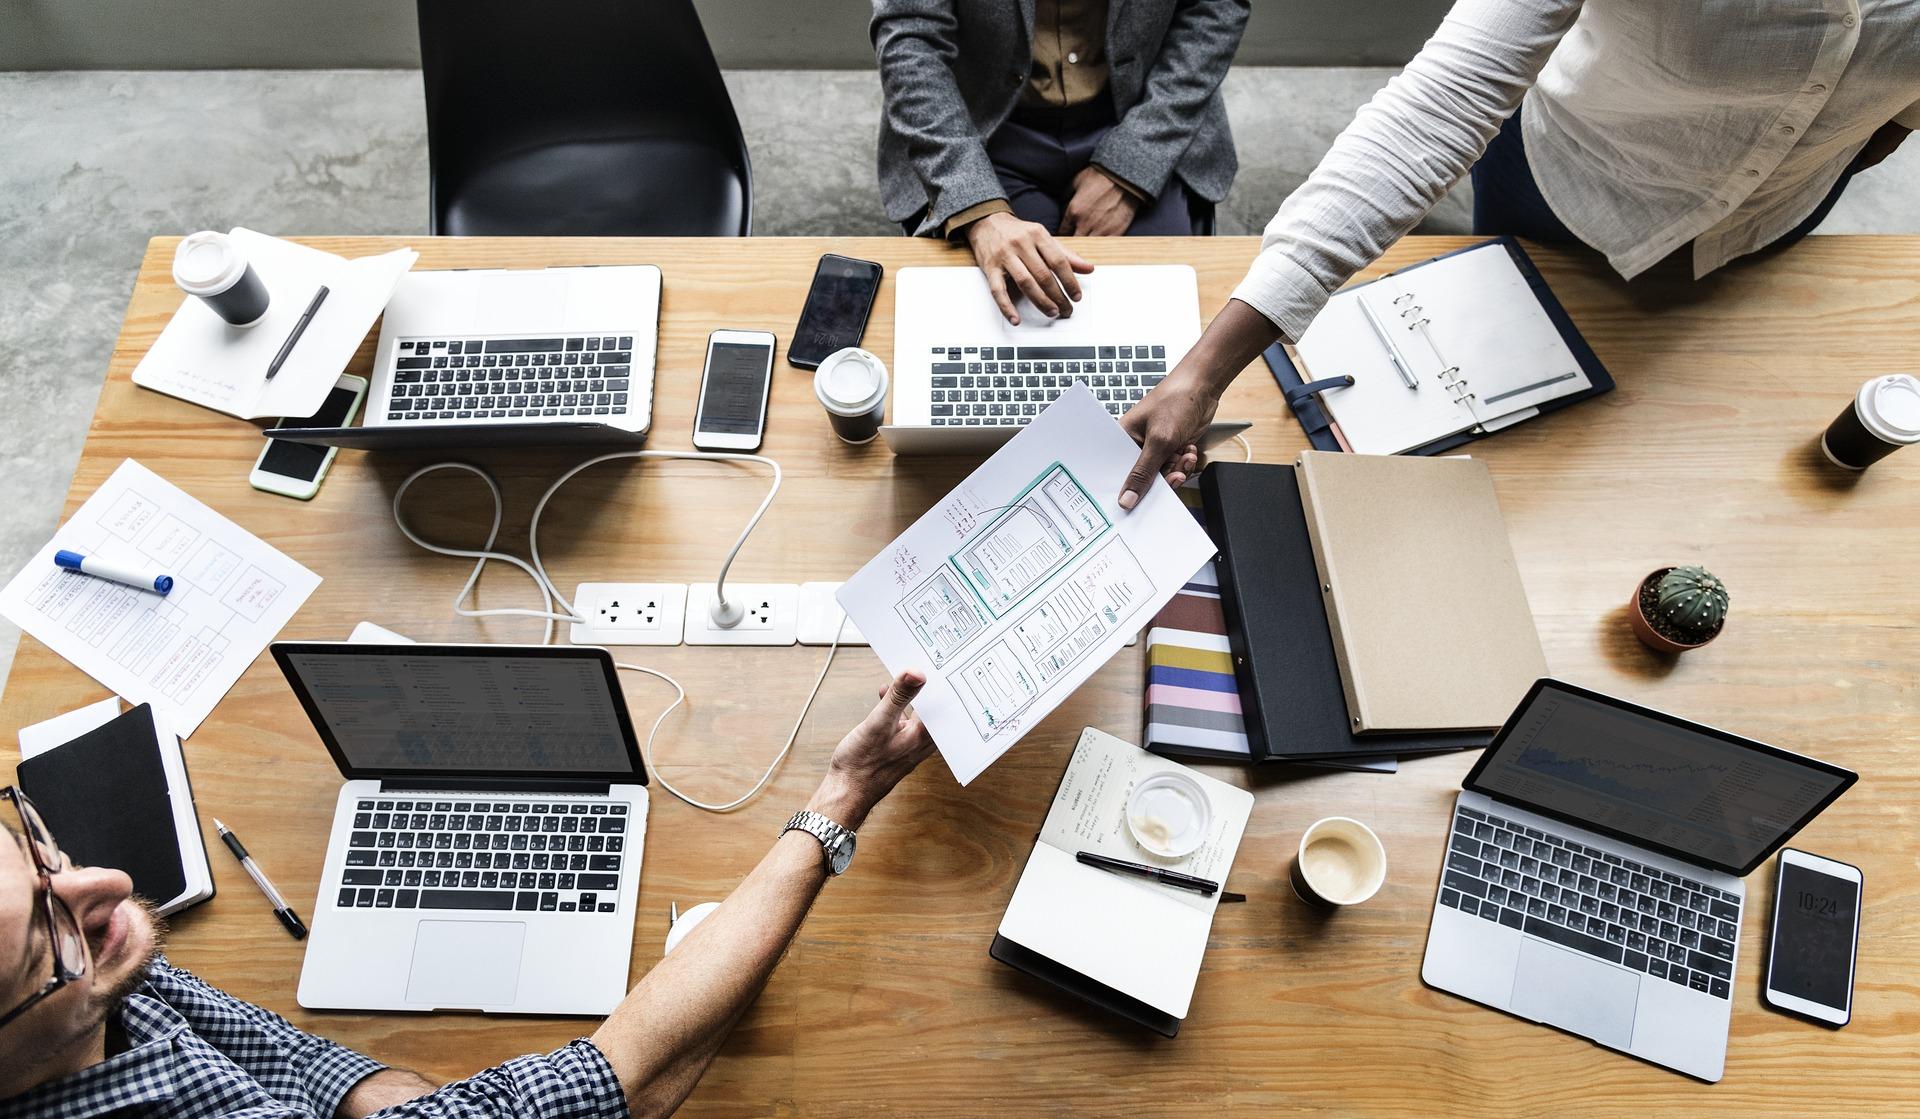 Imagem mostra uma mesa de trabalho com diversos notebooks e várias pessoas. A visão é aérea. No centro, uma pessoa passa um relatório para outra. O objetivo é ilustrar um POP.